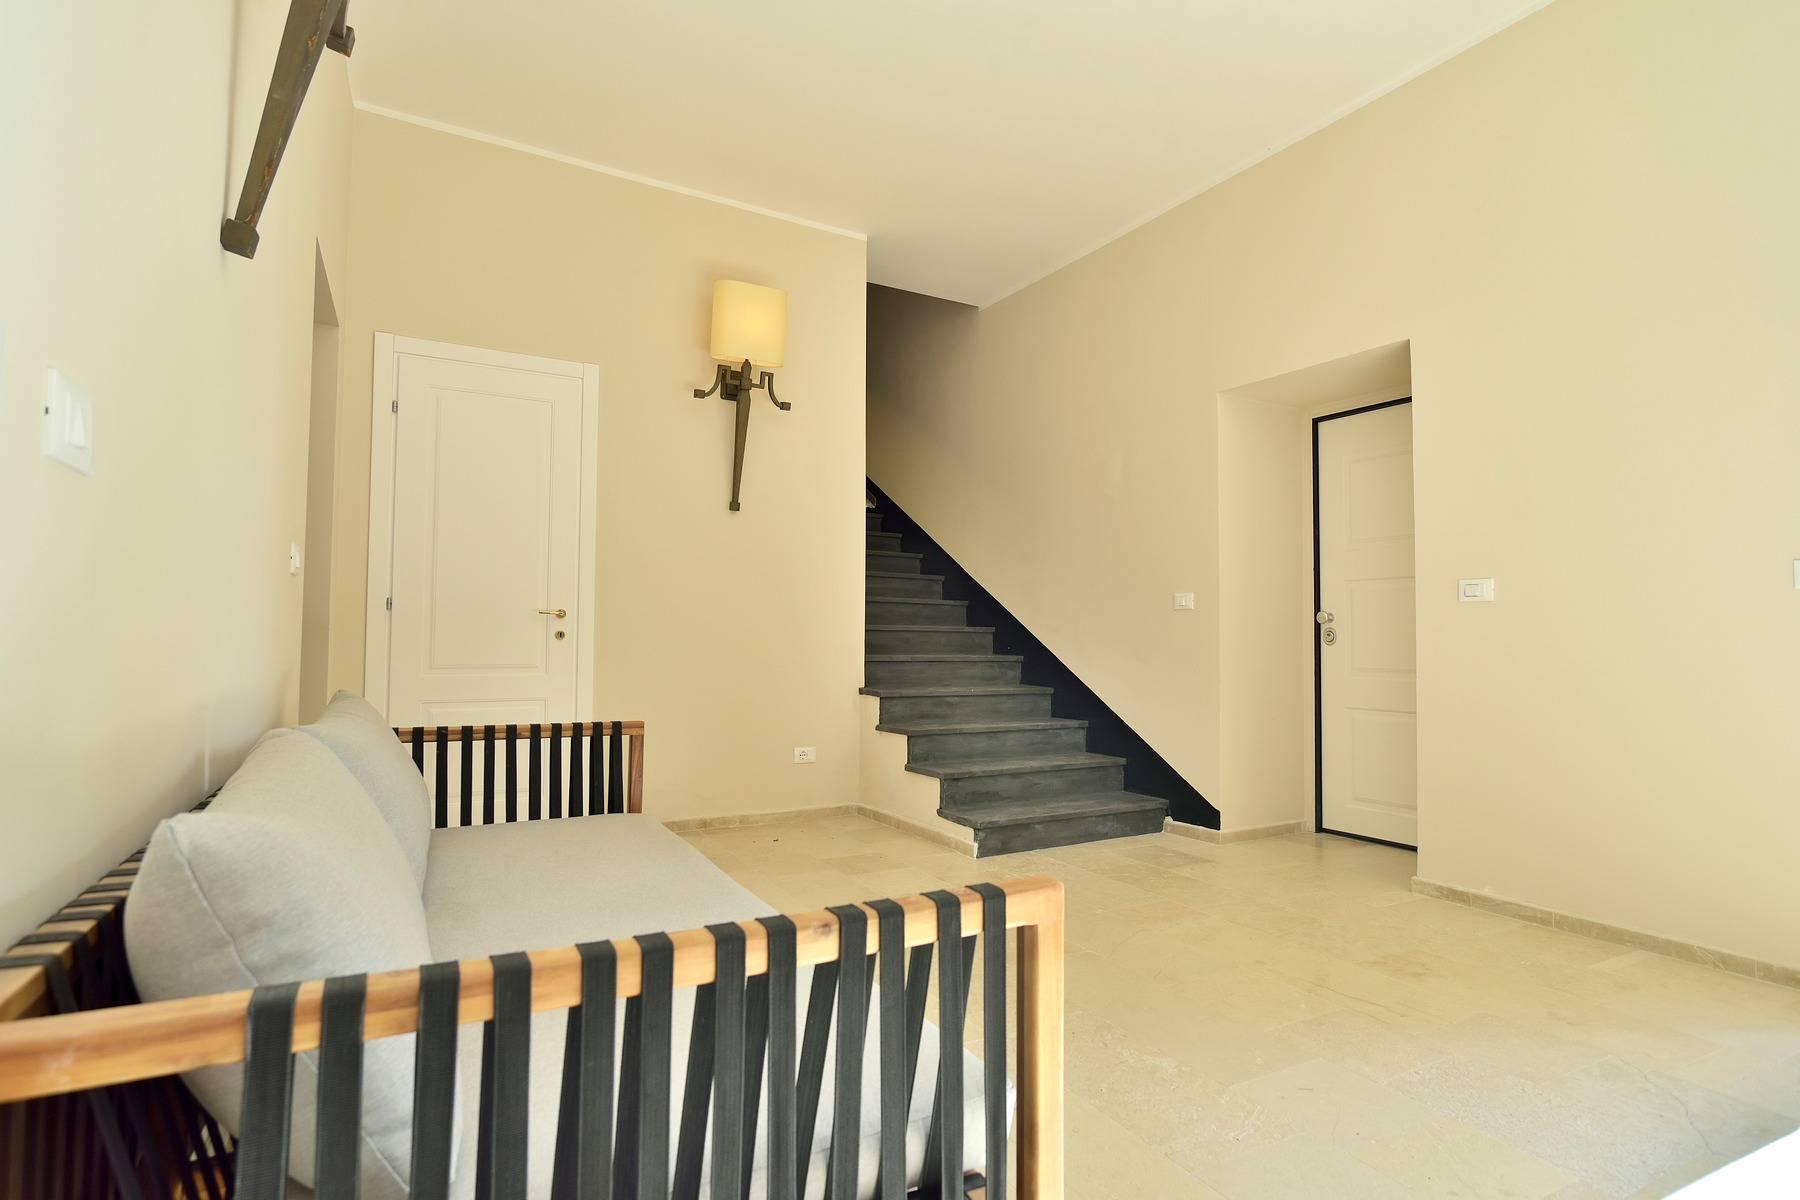 Appartamento in Vendita a Noto: 3 locali, 73 mq - Foto 24